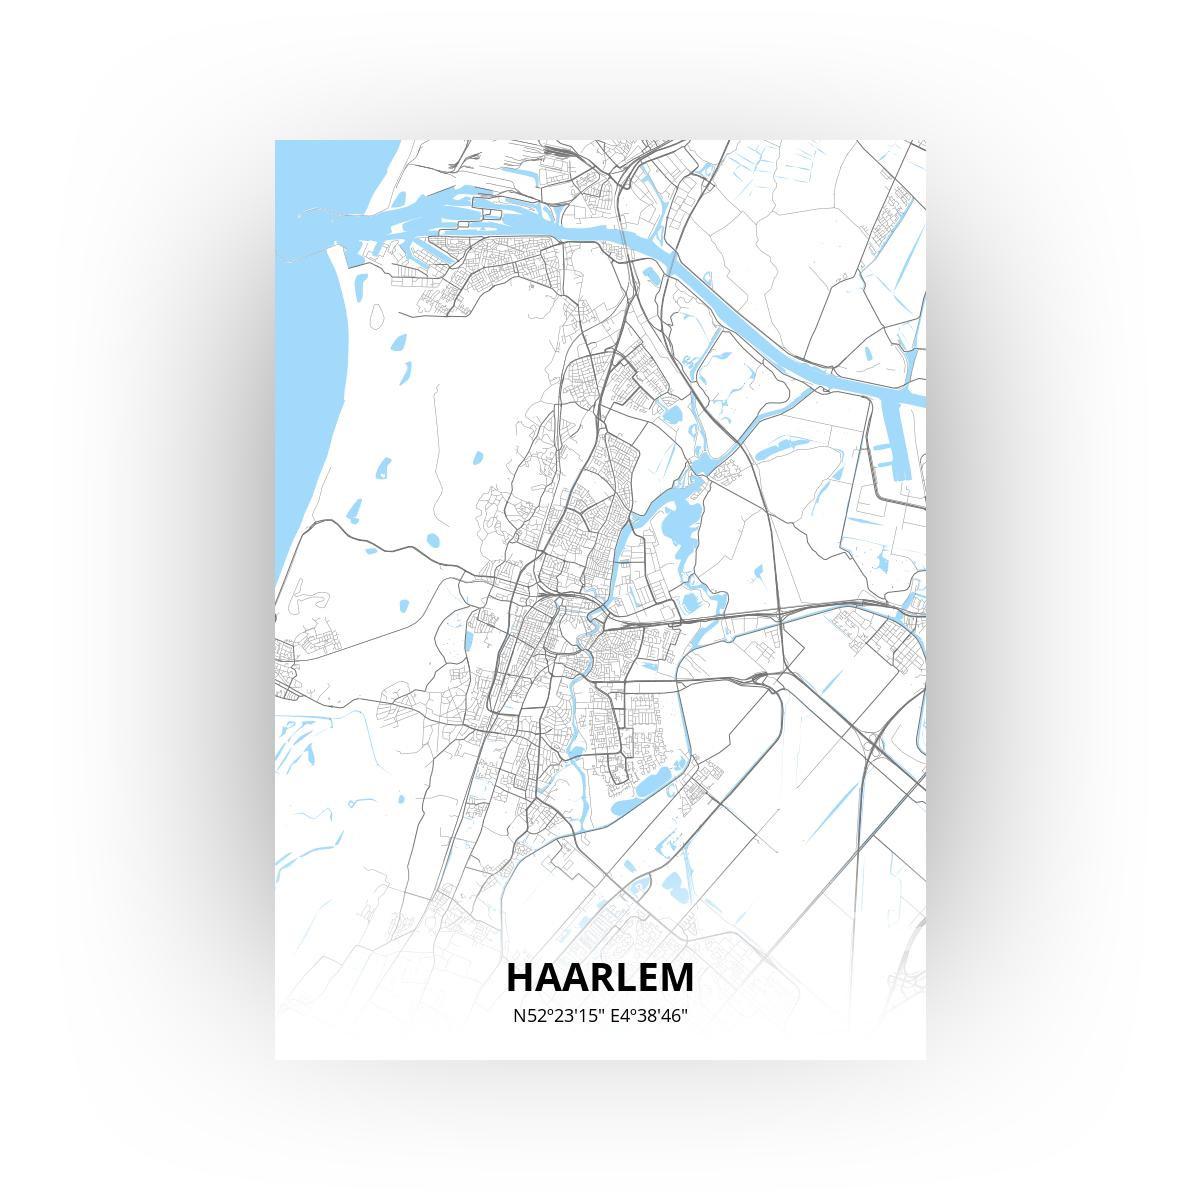 Haarlem poster - Zelf aan te passen!